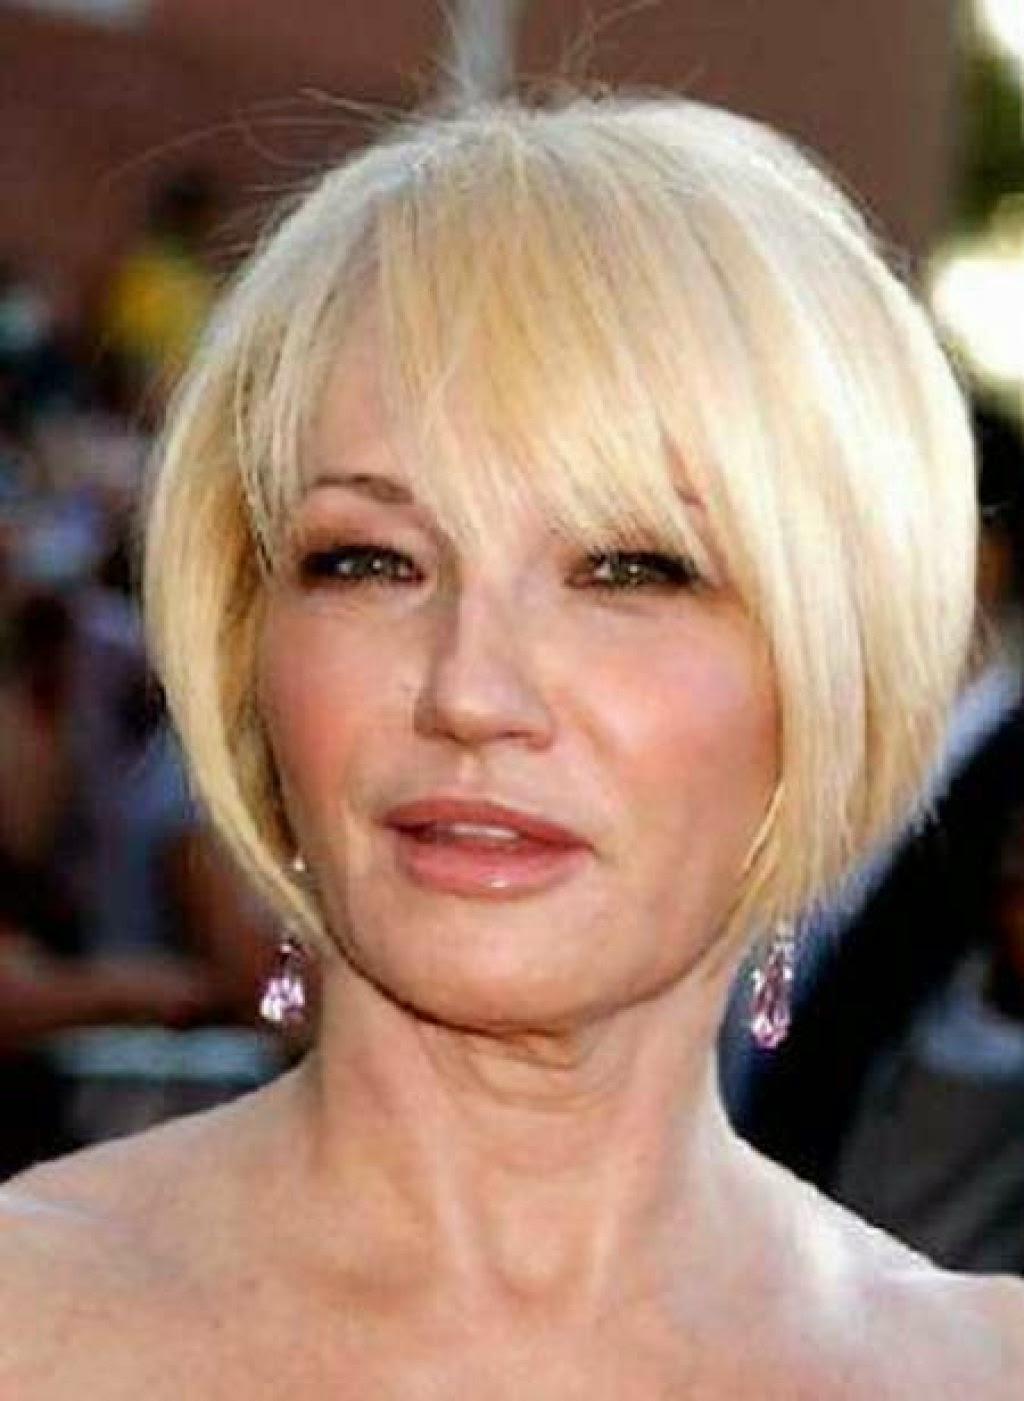 Прически для женщин после 40 лет фото если тонкие волосы